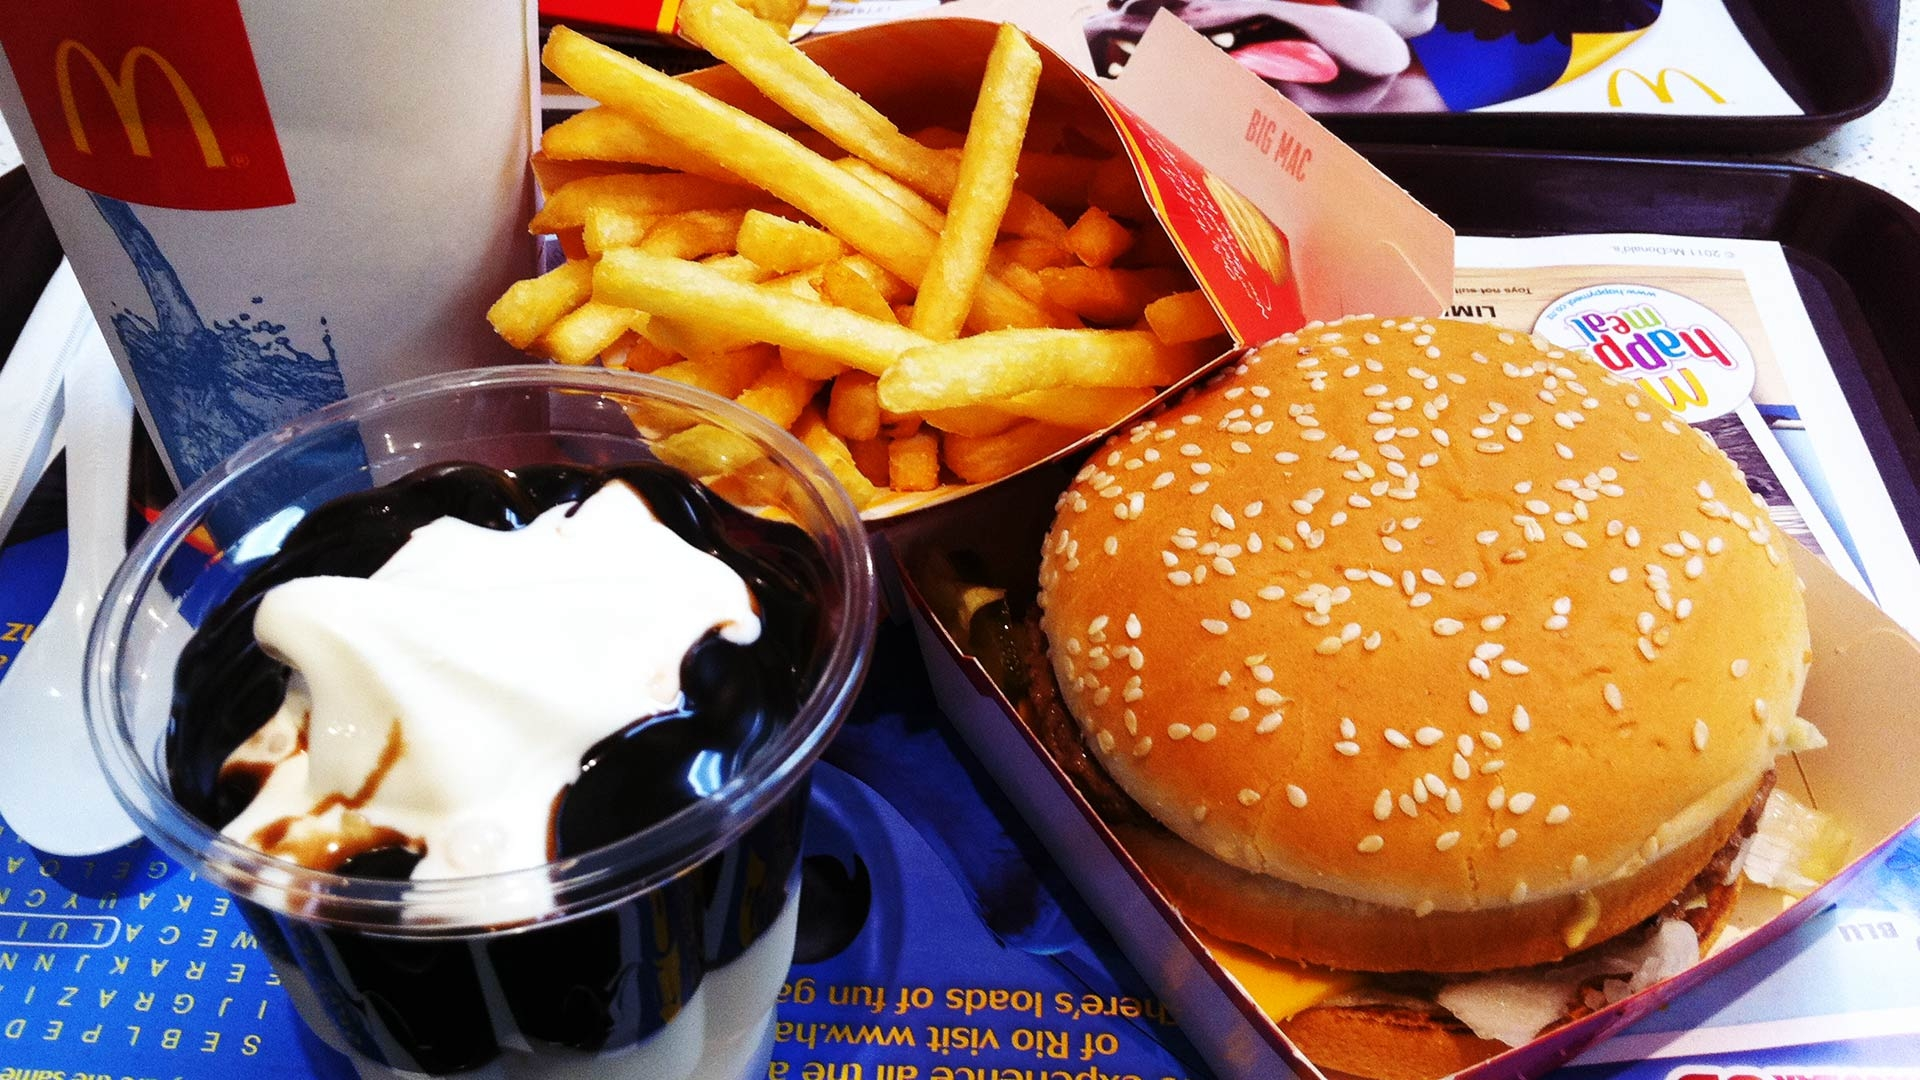 fast food   fast food Wallpaper 1920x1080 133101 1920x1080